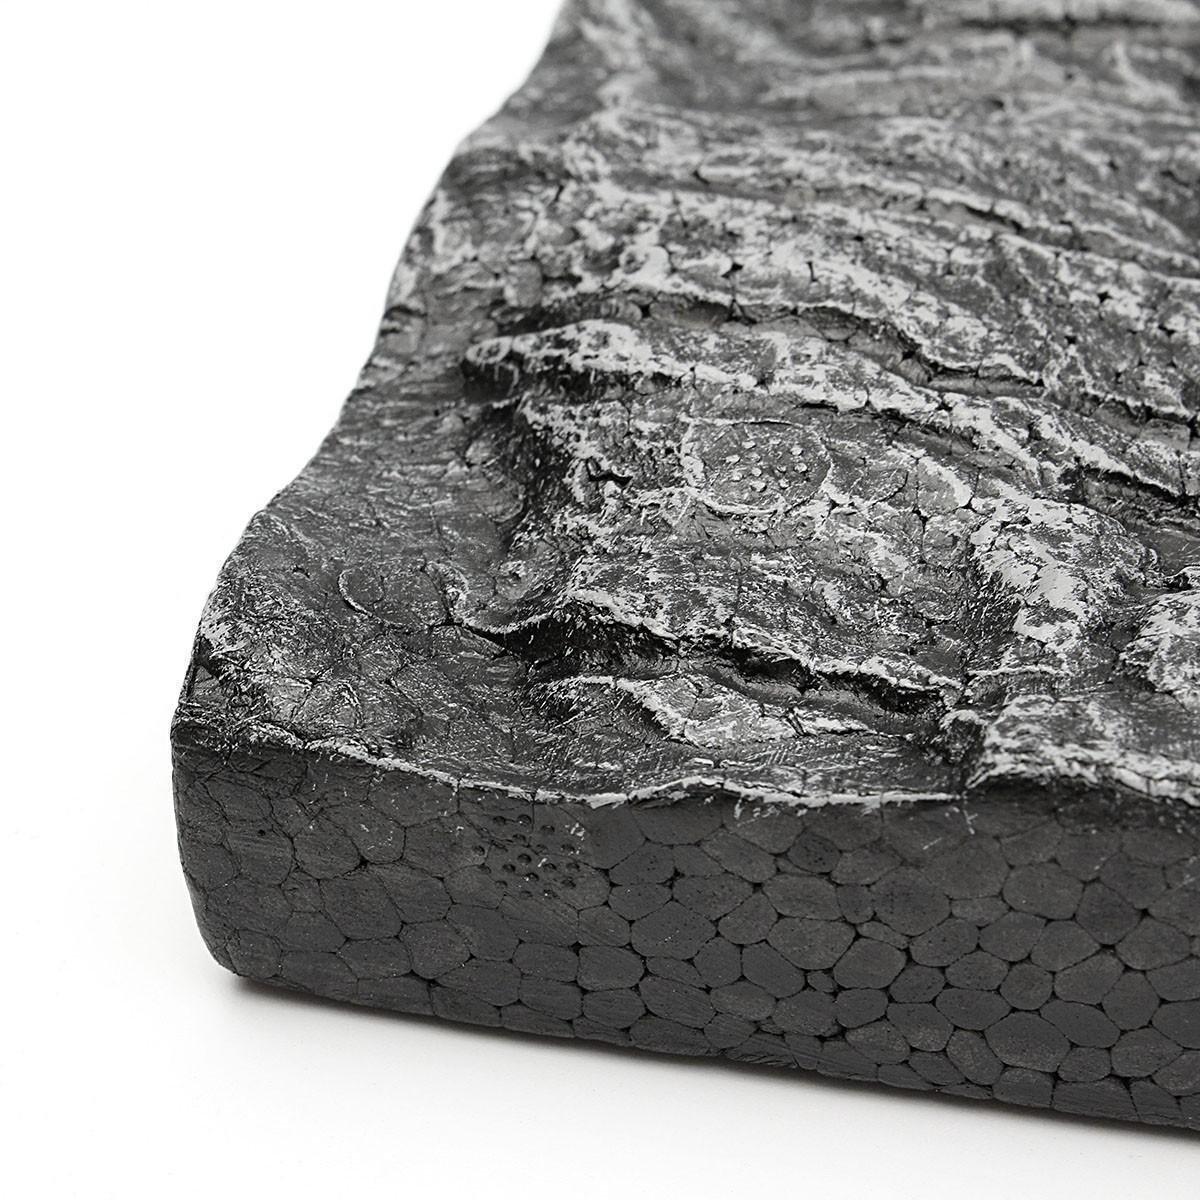 Terrarium Steine Kaufen : 2stk 3d aquarium hintergrund terrarium r ckwand steine ~ Michelbontemps.com Haus und Dekorationen